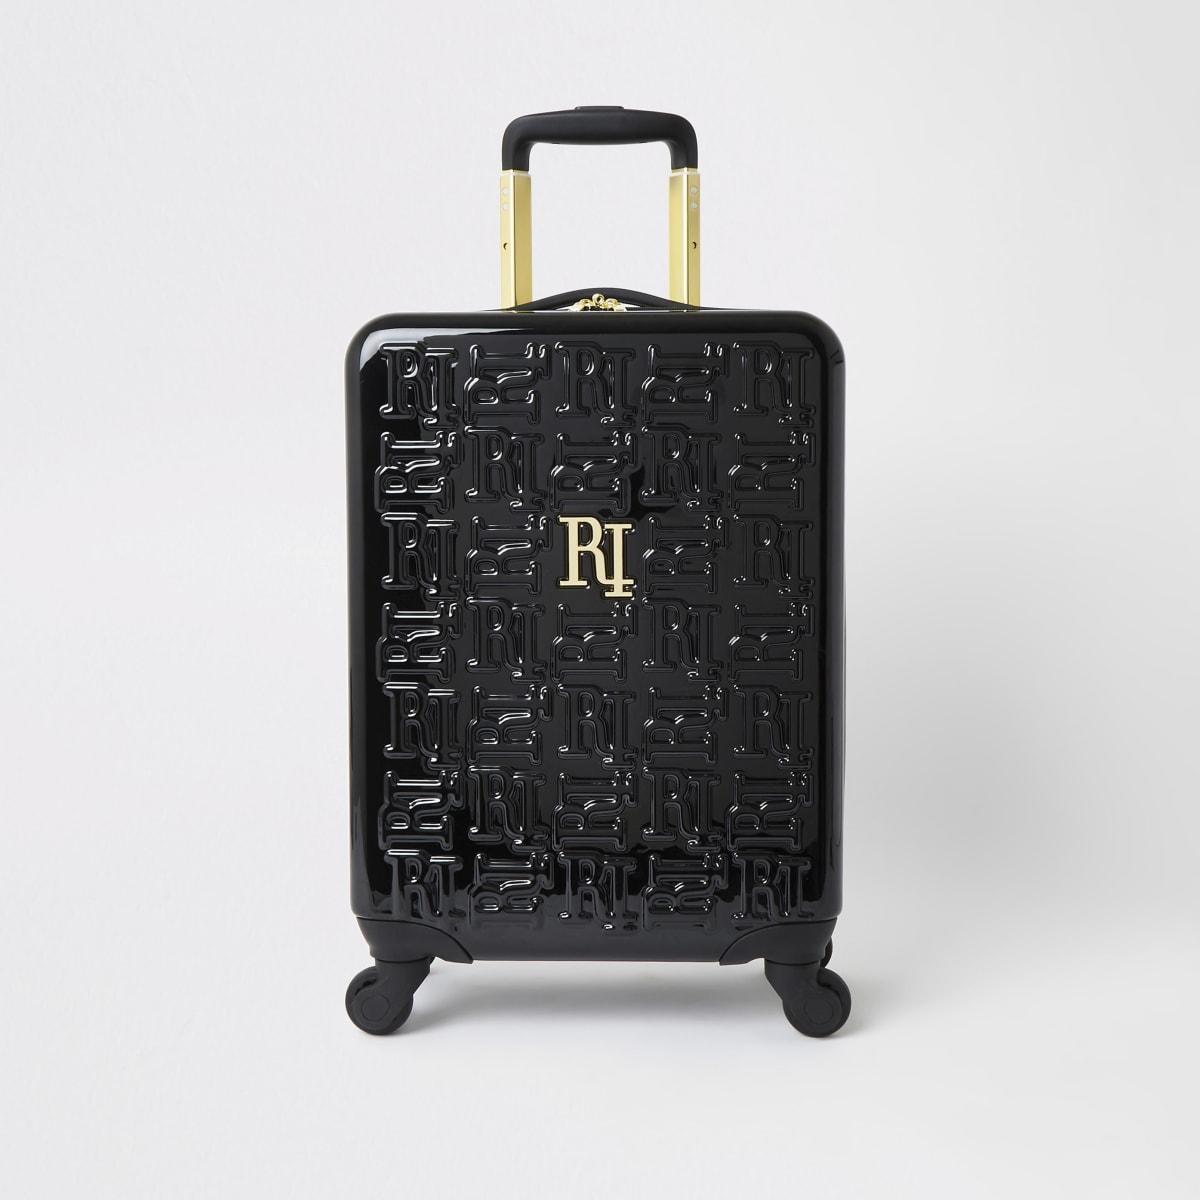 Zwarte kleine koffer met RI-monogram